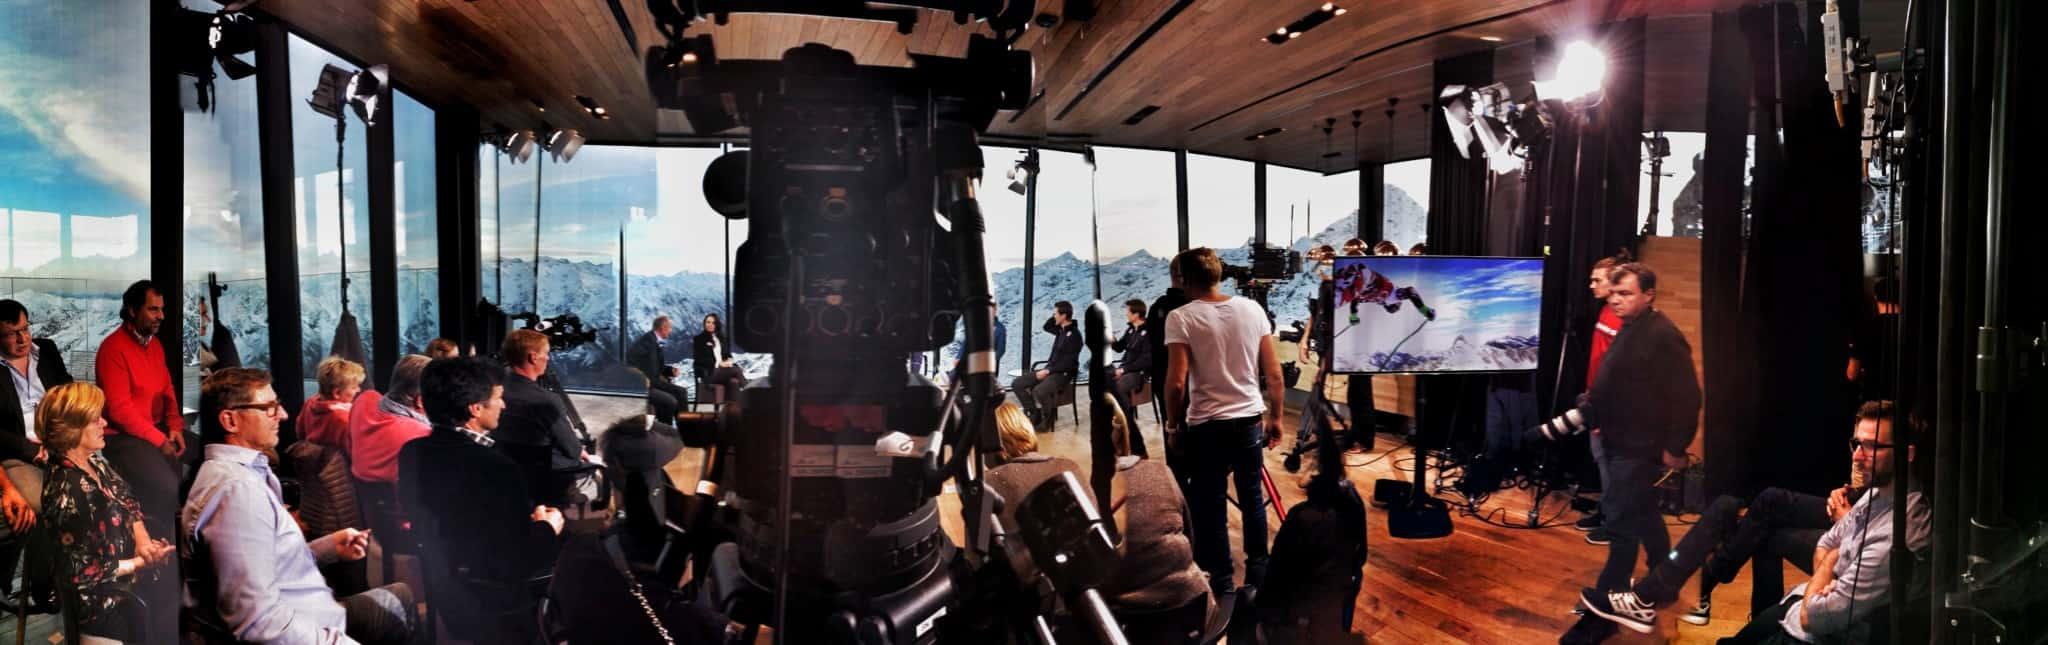 ServusTv Sport und Talk aus dem hangar7 soelden spezial 20 - ServusTV - Sport und Talk aus dem Hangar 7 - Sölden Spezial